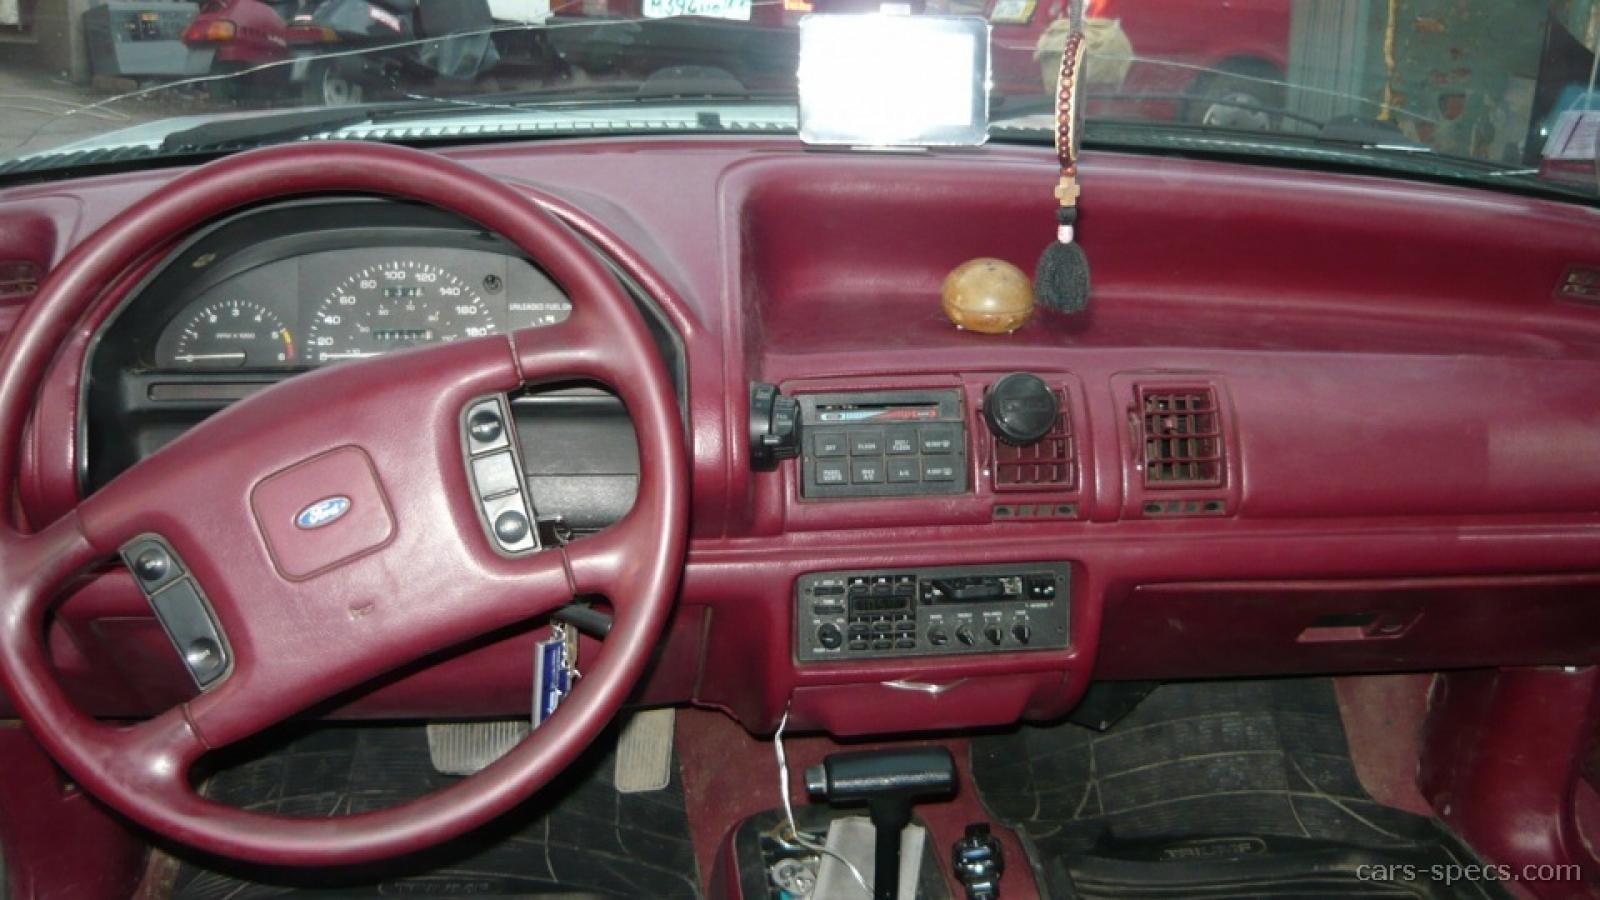 800 1024 1280 1600 origin 1992 ford tempo